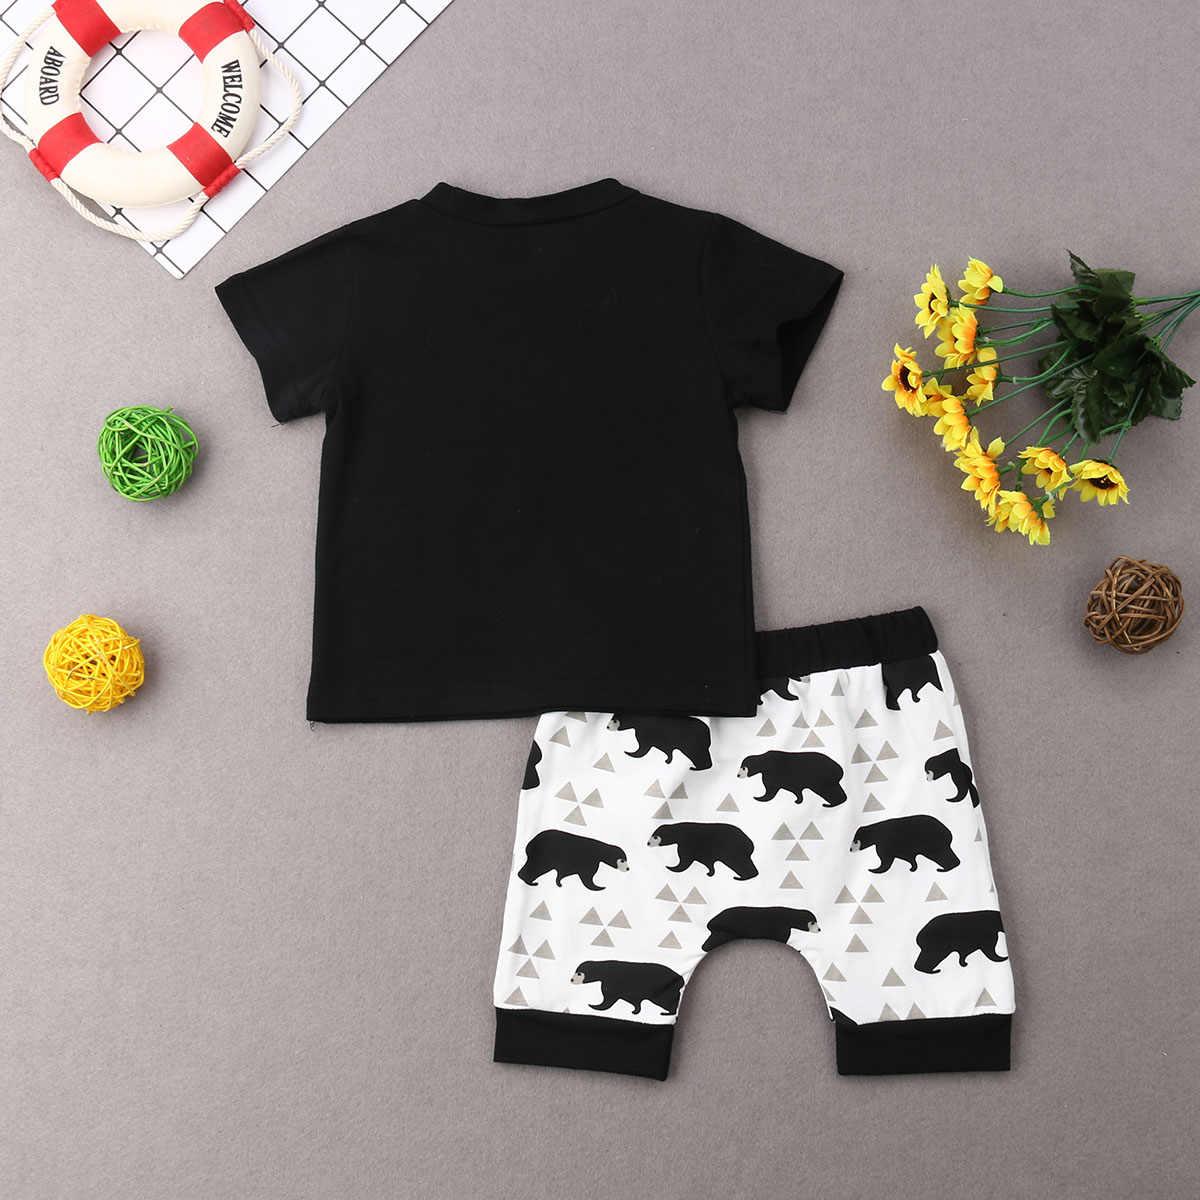 2019 frühjahr NEUE Sommer Neugeborenen Baby Jungen Kurzarm T-shirt Top Hosen Hosen Eingestellt